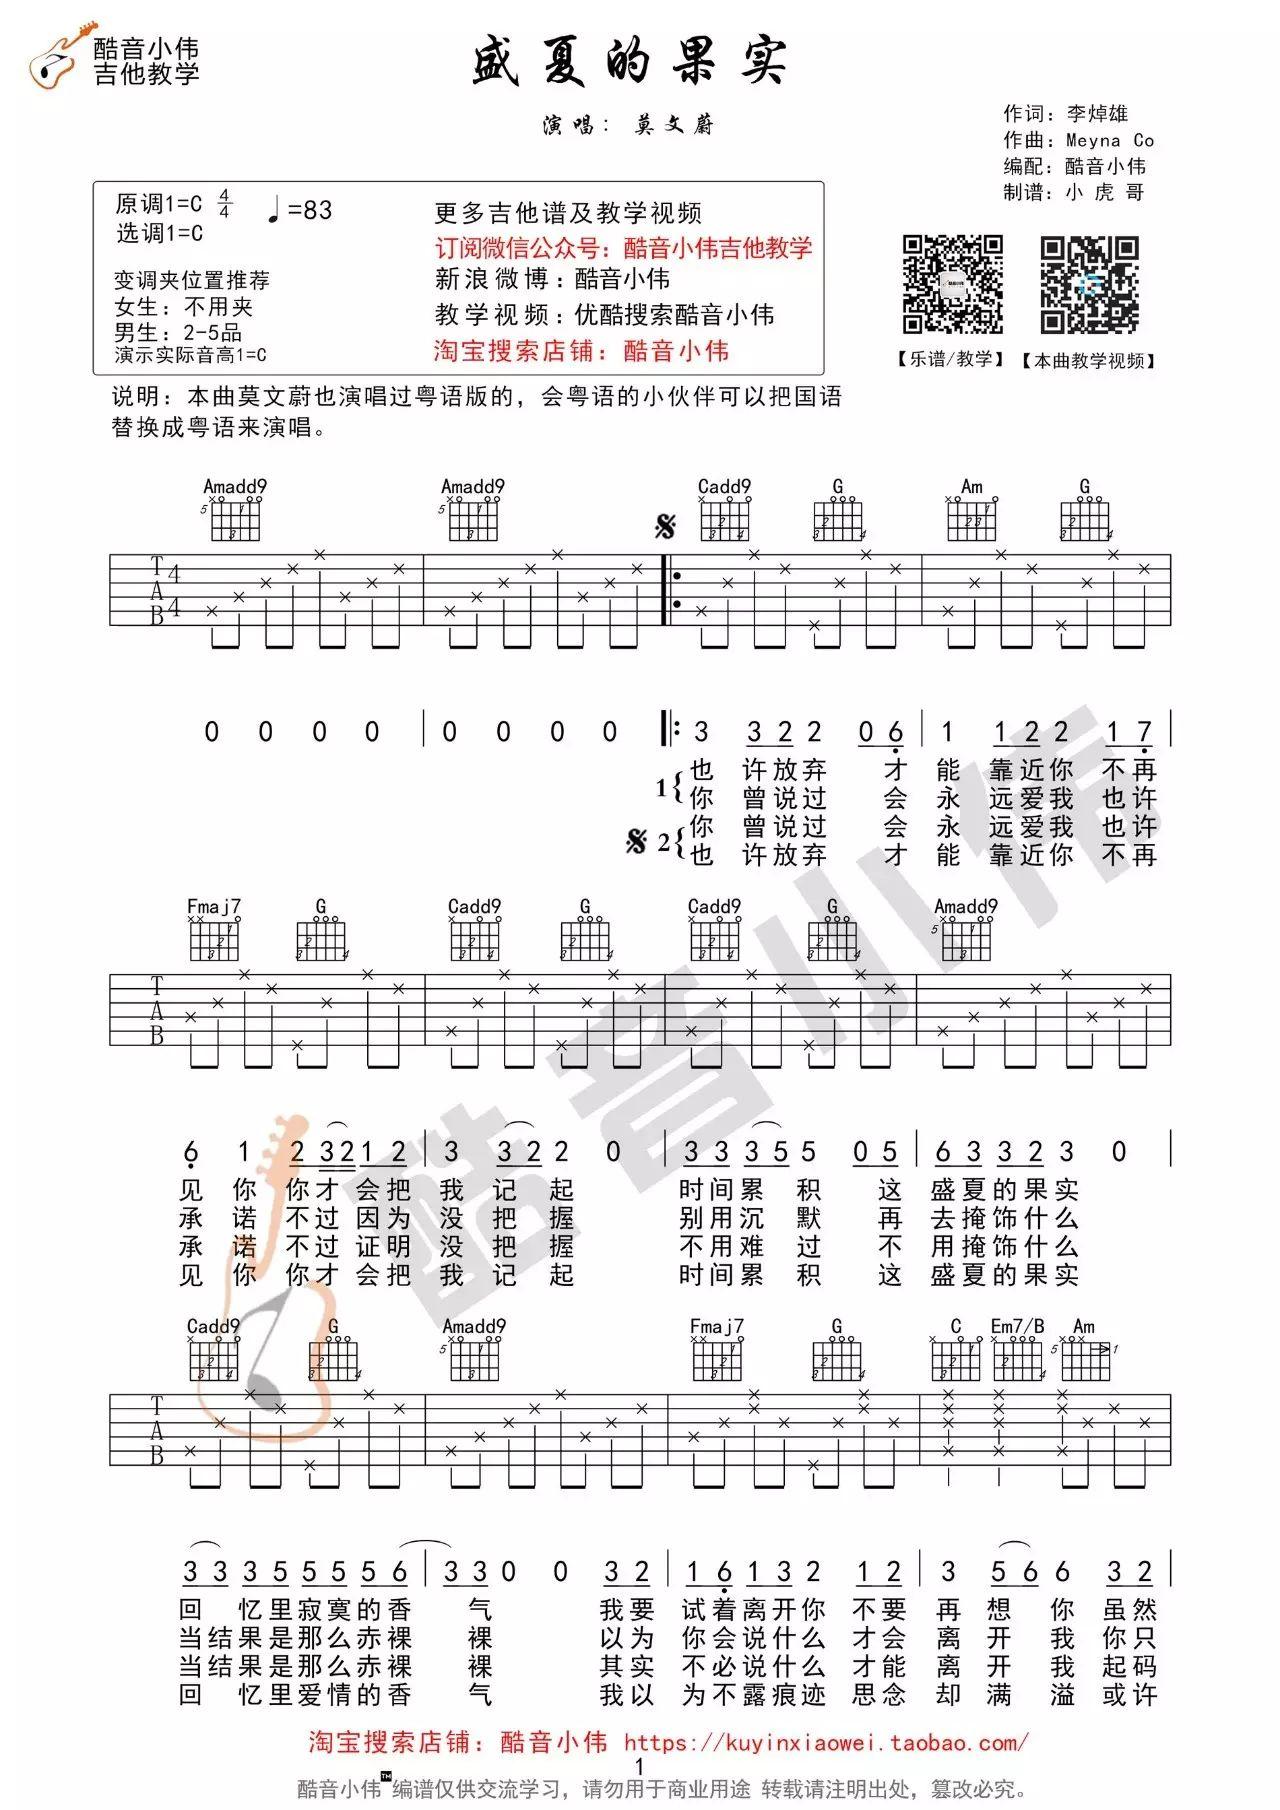 吉他派《盛夏的果实》吉他谱C调中级版-1